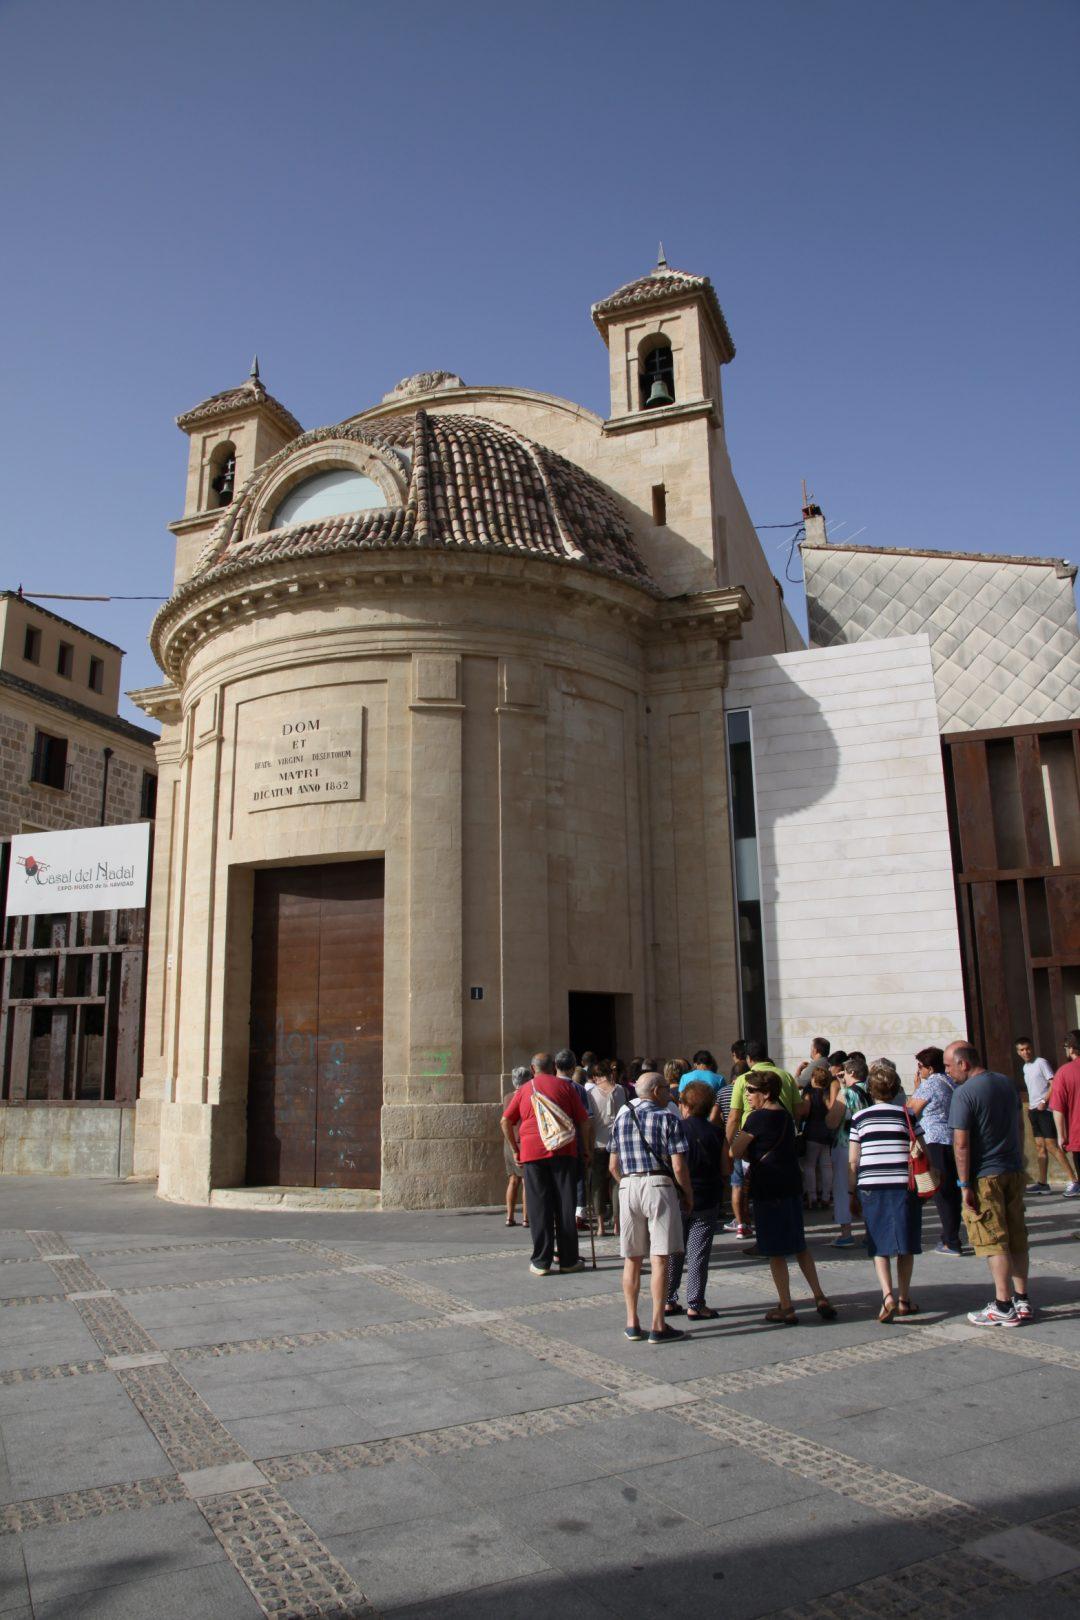 Excursión: Las iglesias históricas de Alcoy